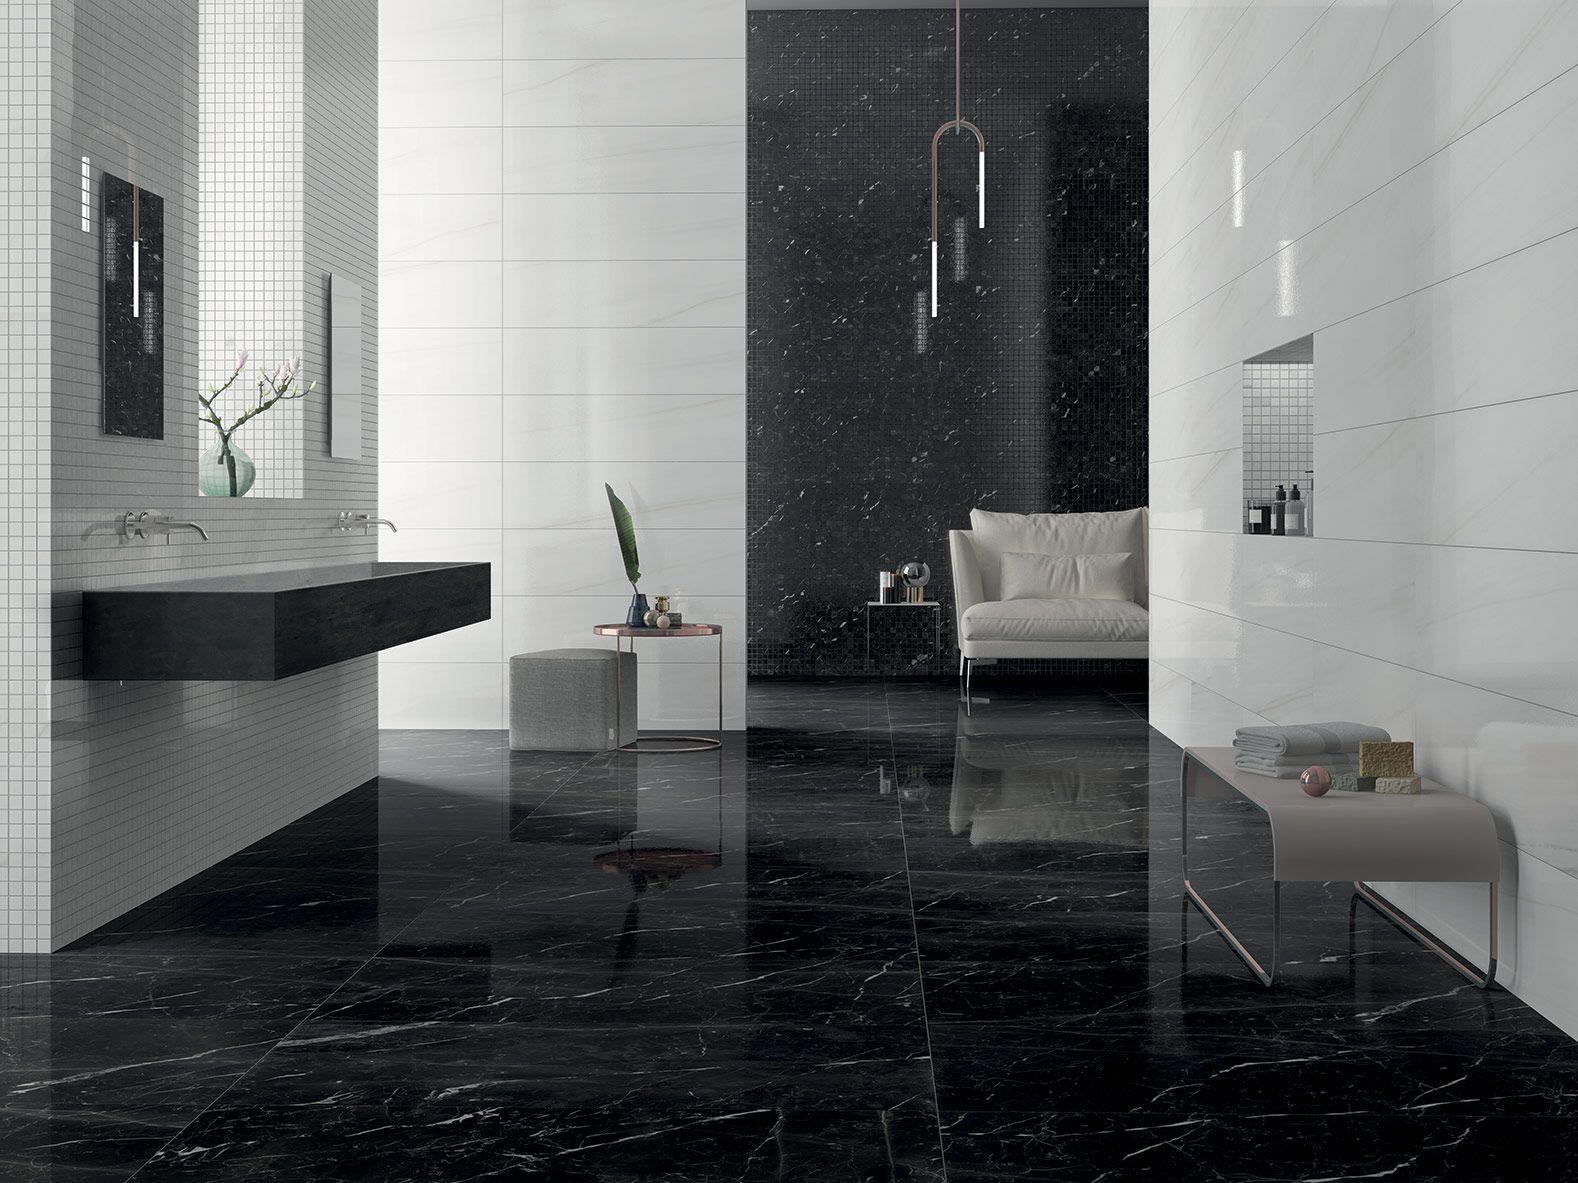 Bagni In Marmo Nero : Il marmo nero in bagno ha uno stile assolutamente incredibile in